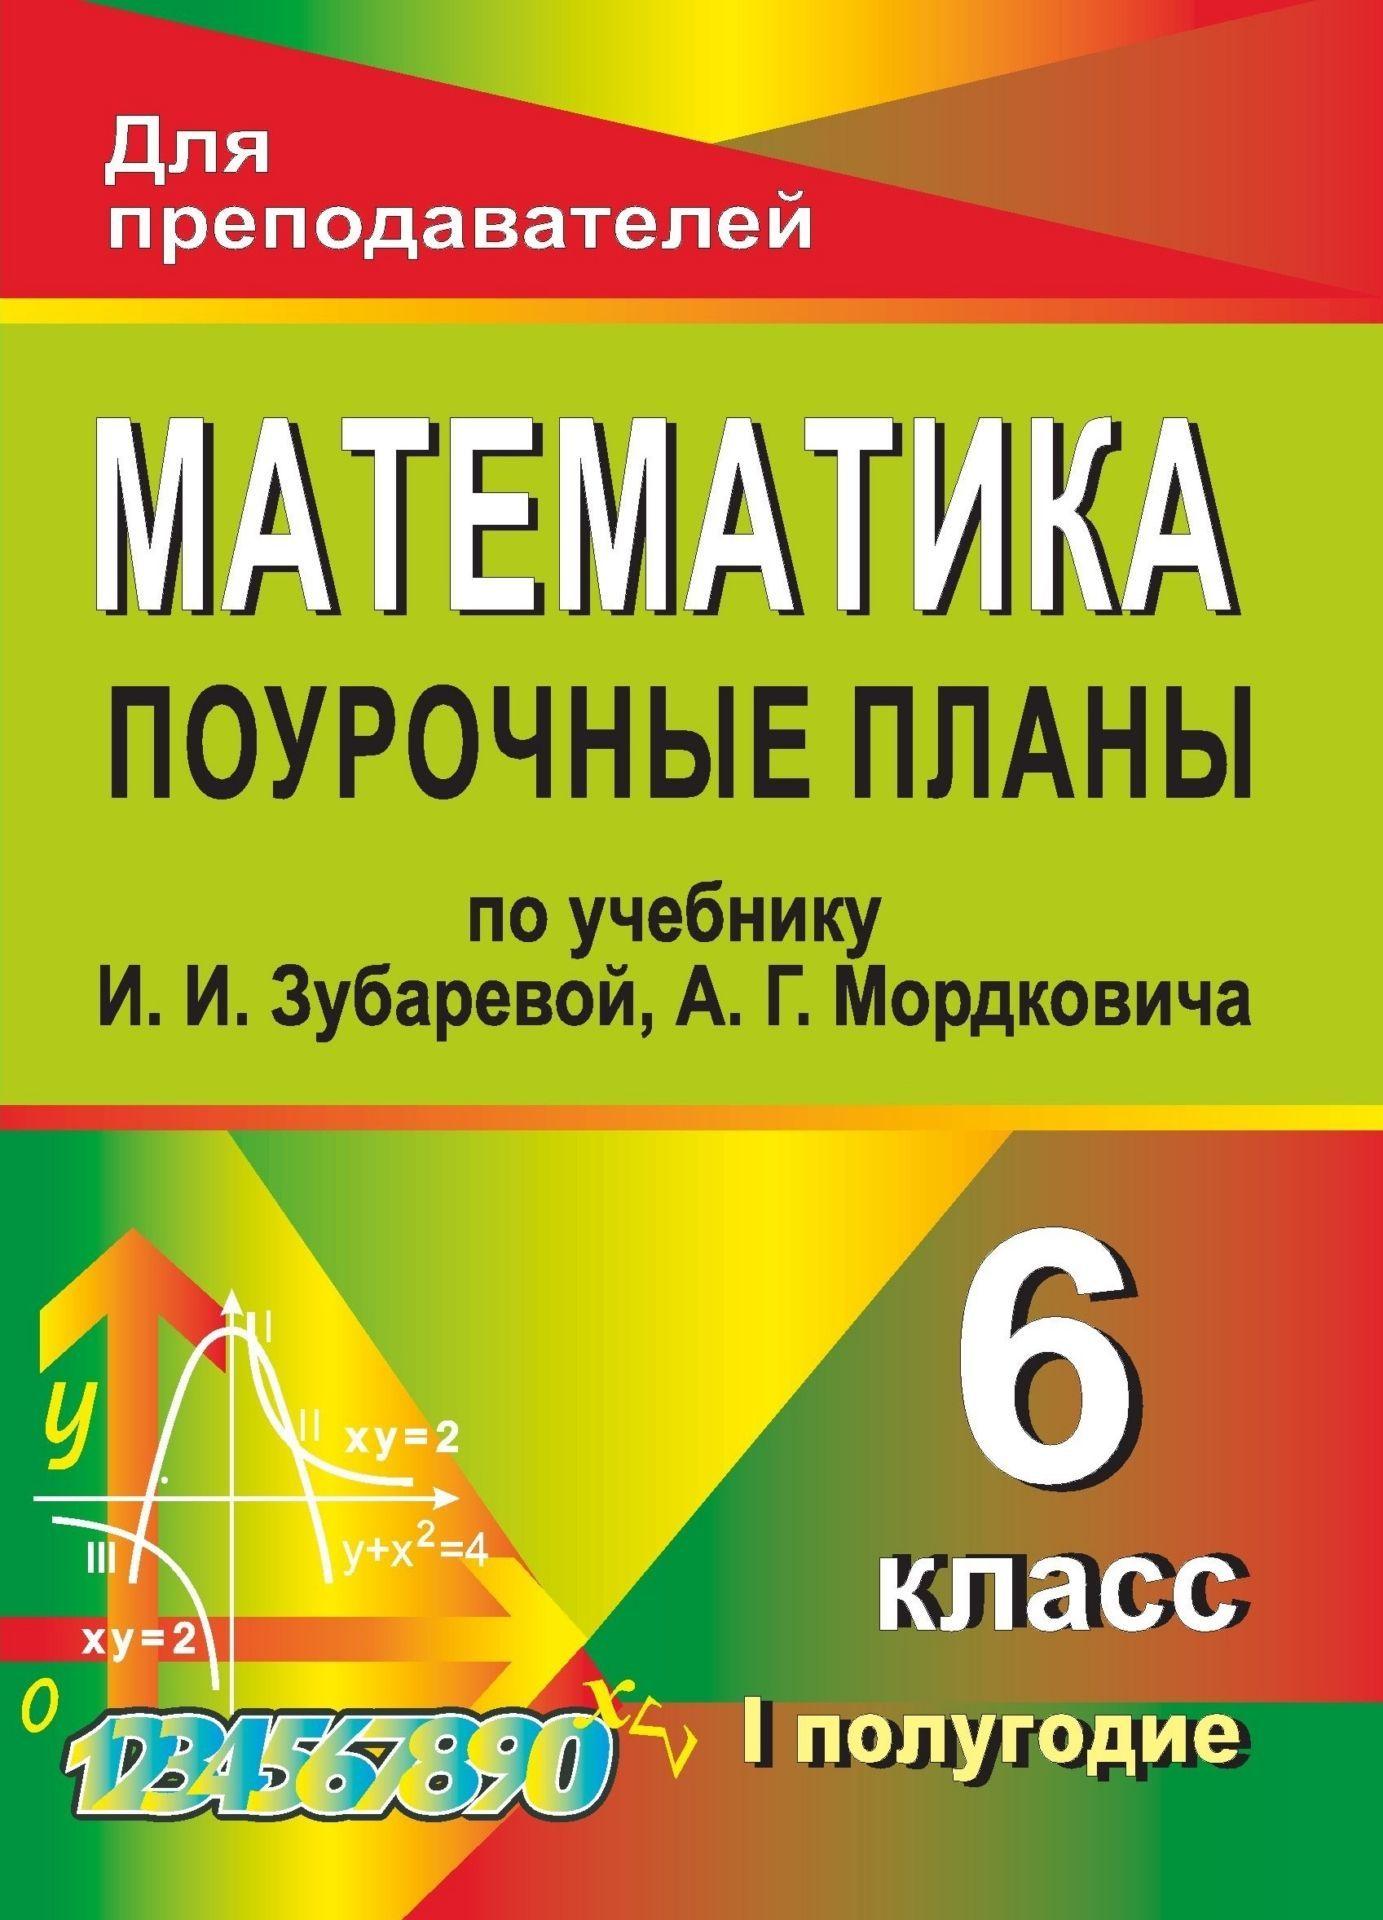 Математика. 6 класс: поурочные планы по учебнику И. И. Зубаревой, А. Г. Мордковича. I полугодие